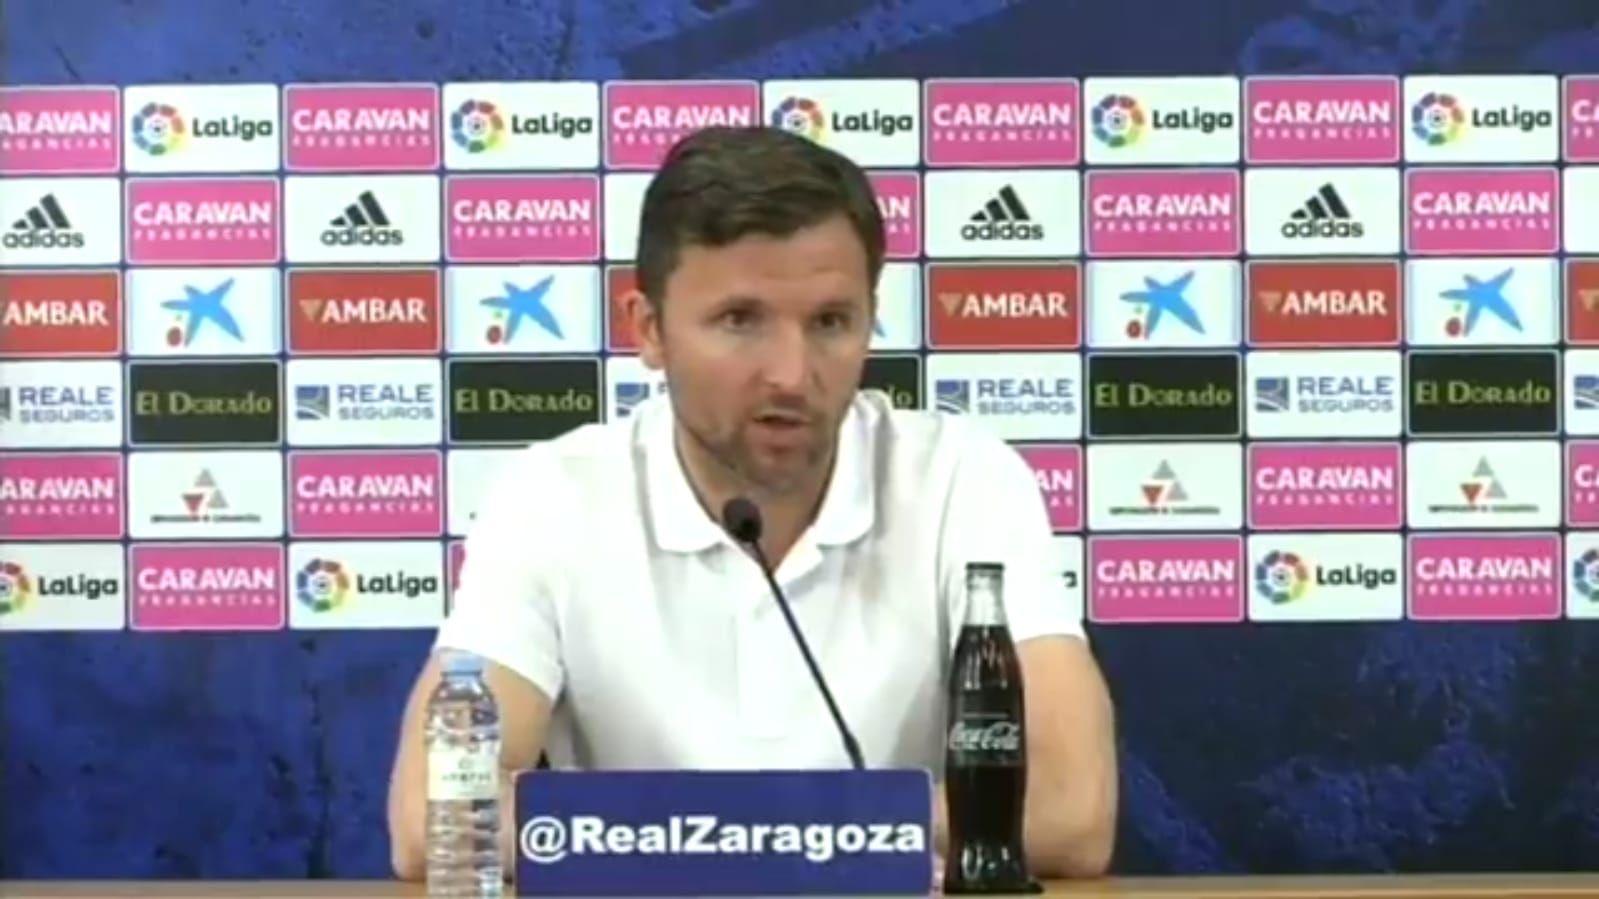 Rueda de prensa del Zaragoza sobre Natxo González.Çolak firma por el Al Wehda de Arabia Saudí